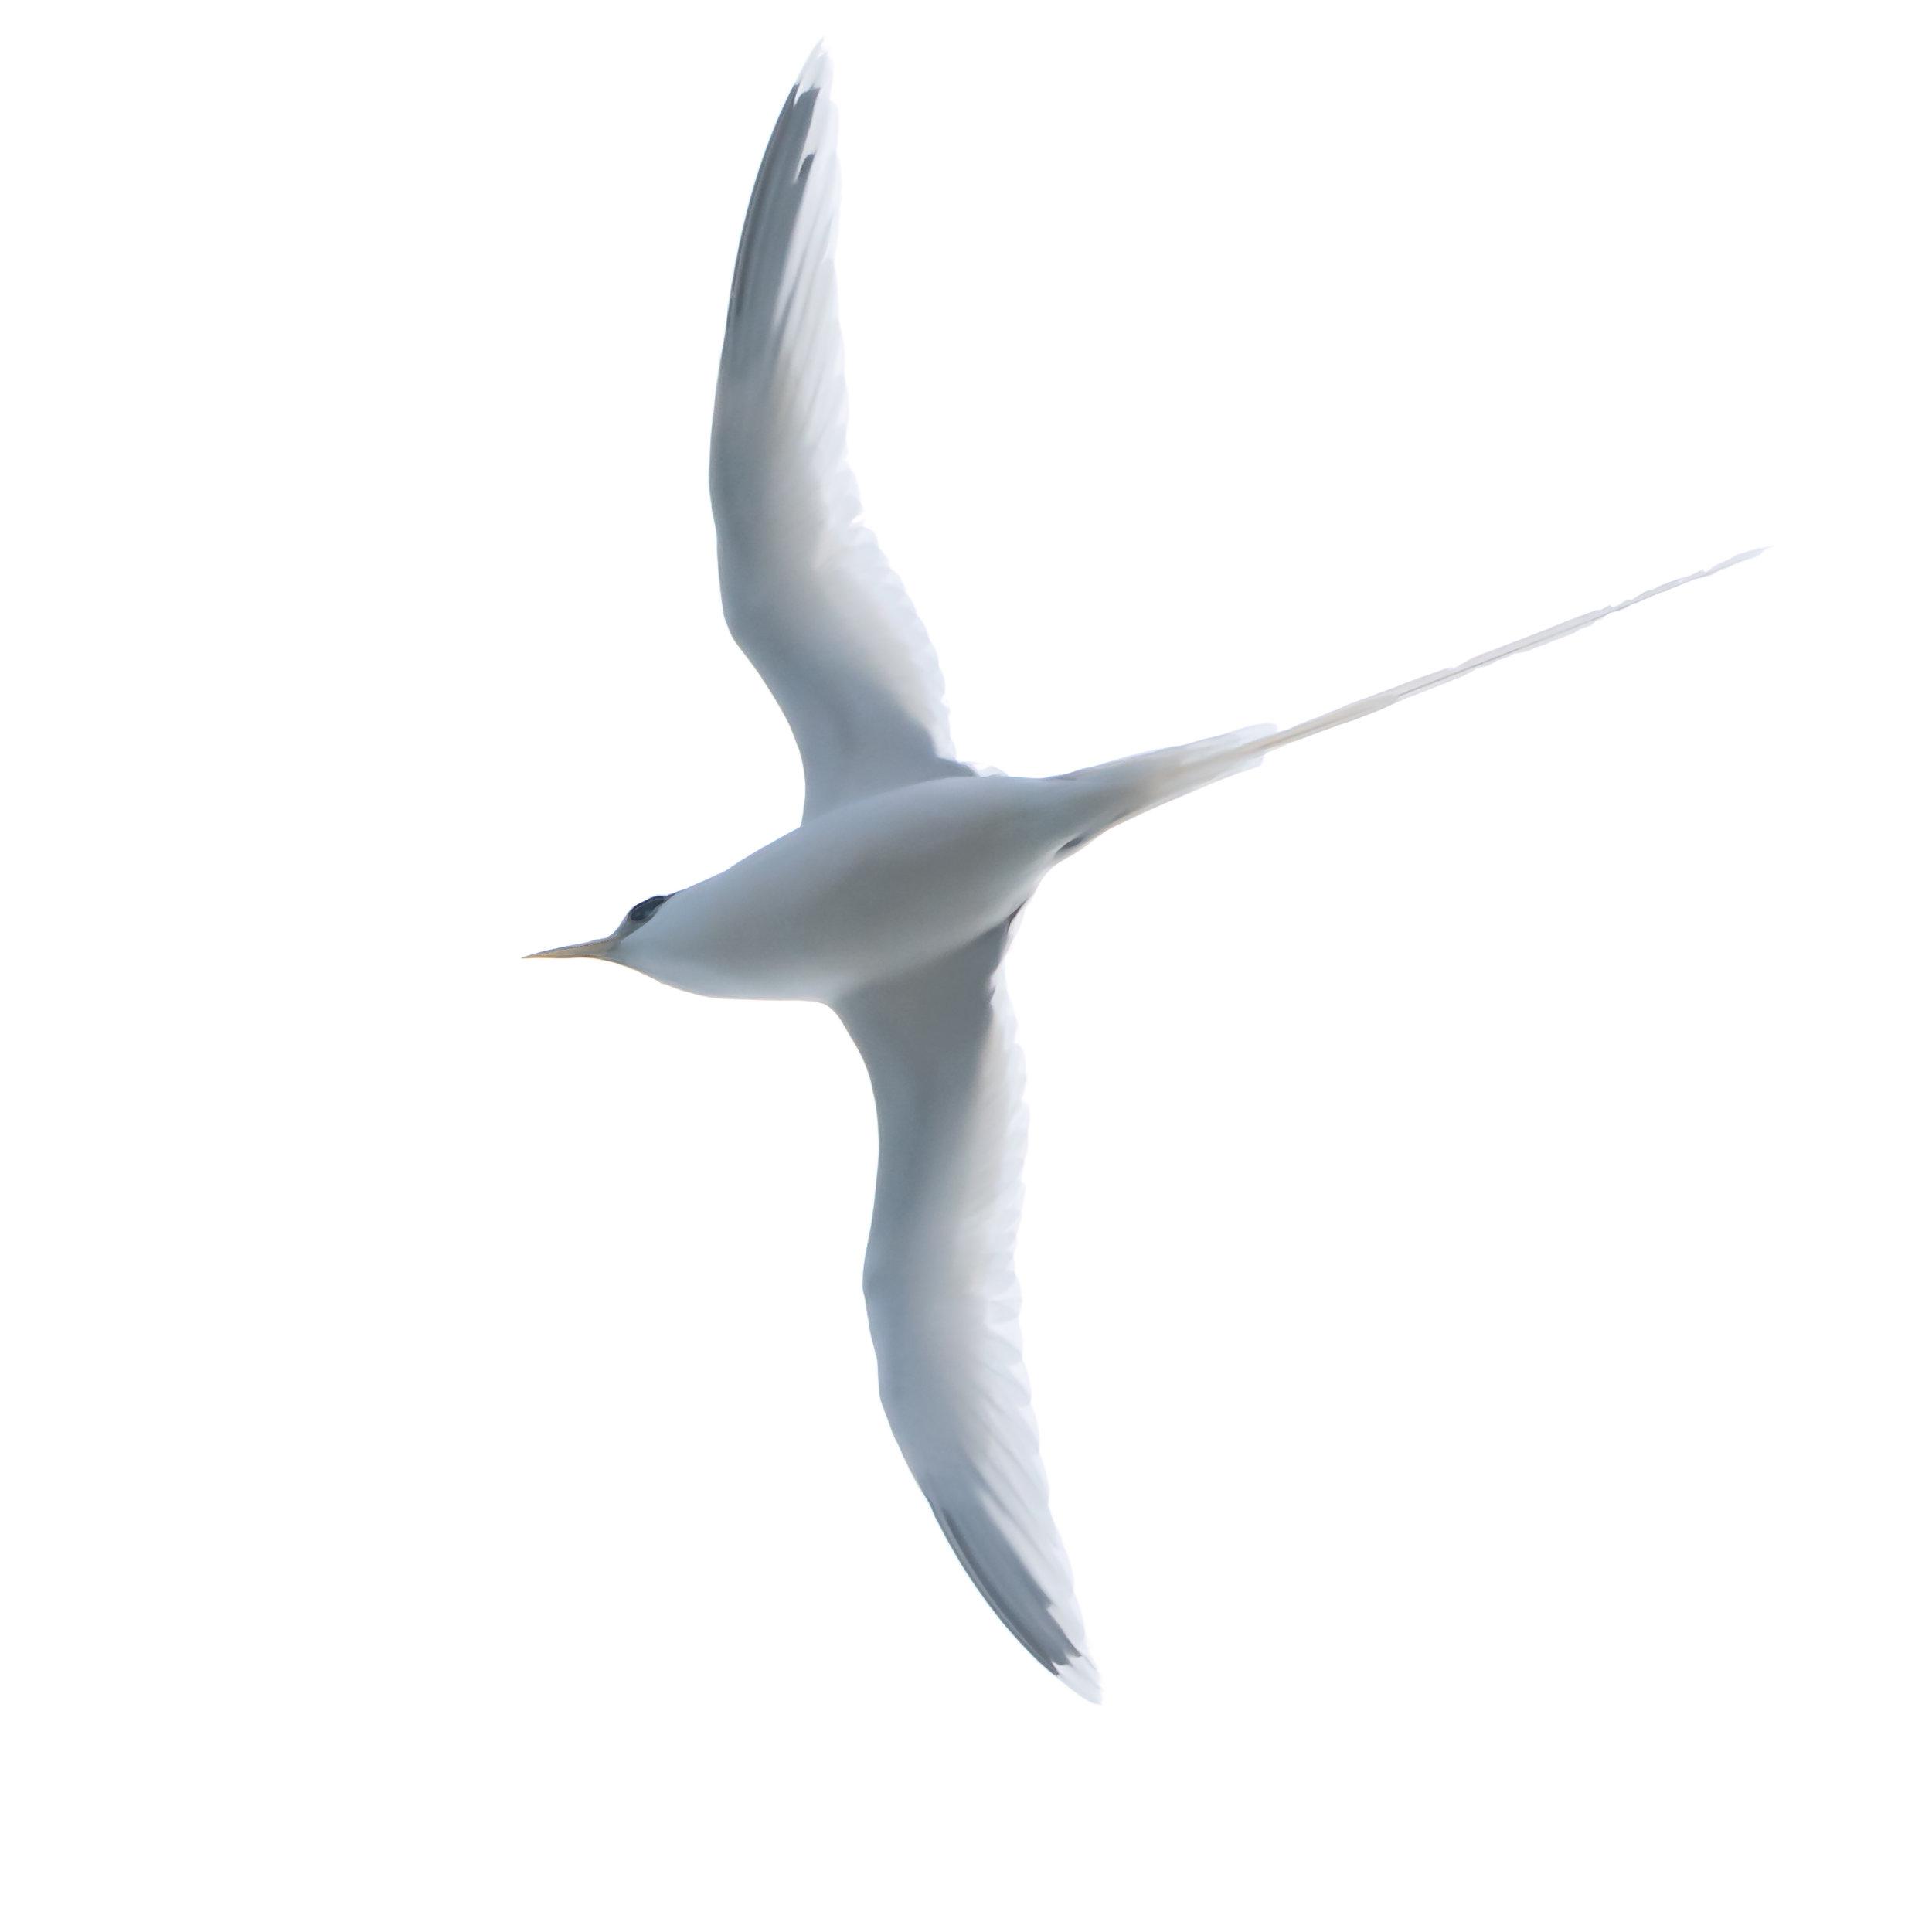 White-tailed Tropicbird, Kauai, 2019